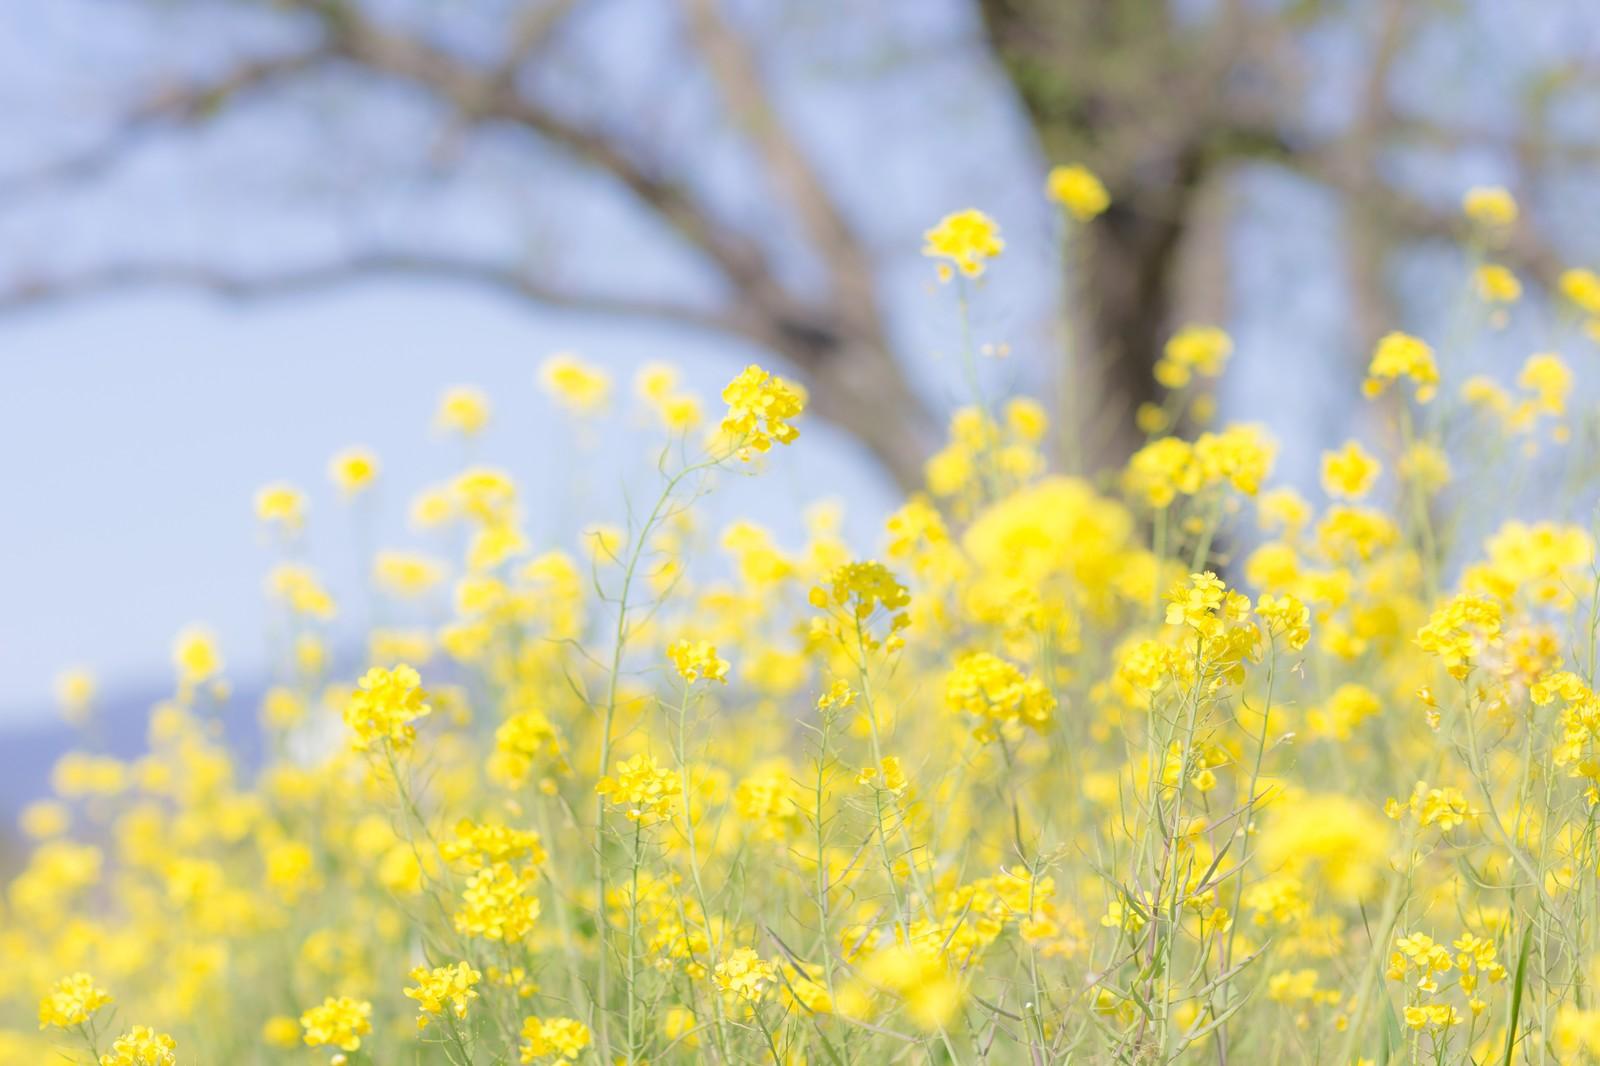 3月にスマホカメラで撮りたい被写体と九州の撮影スポット!